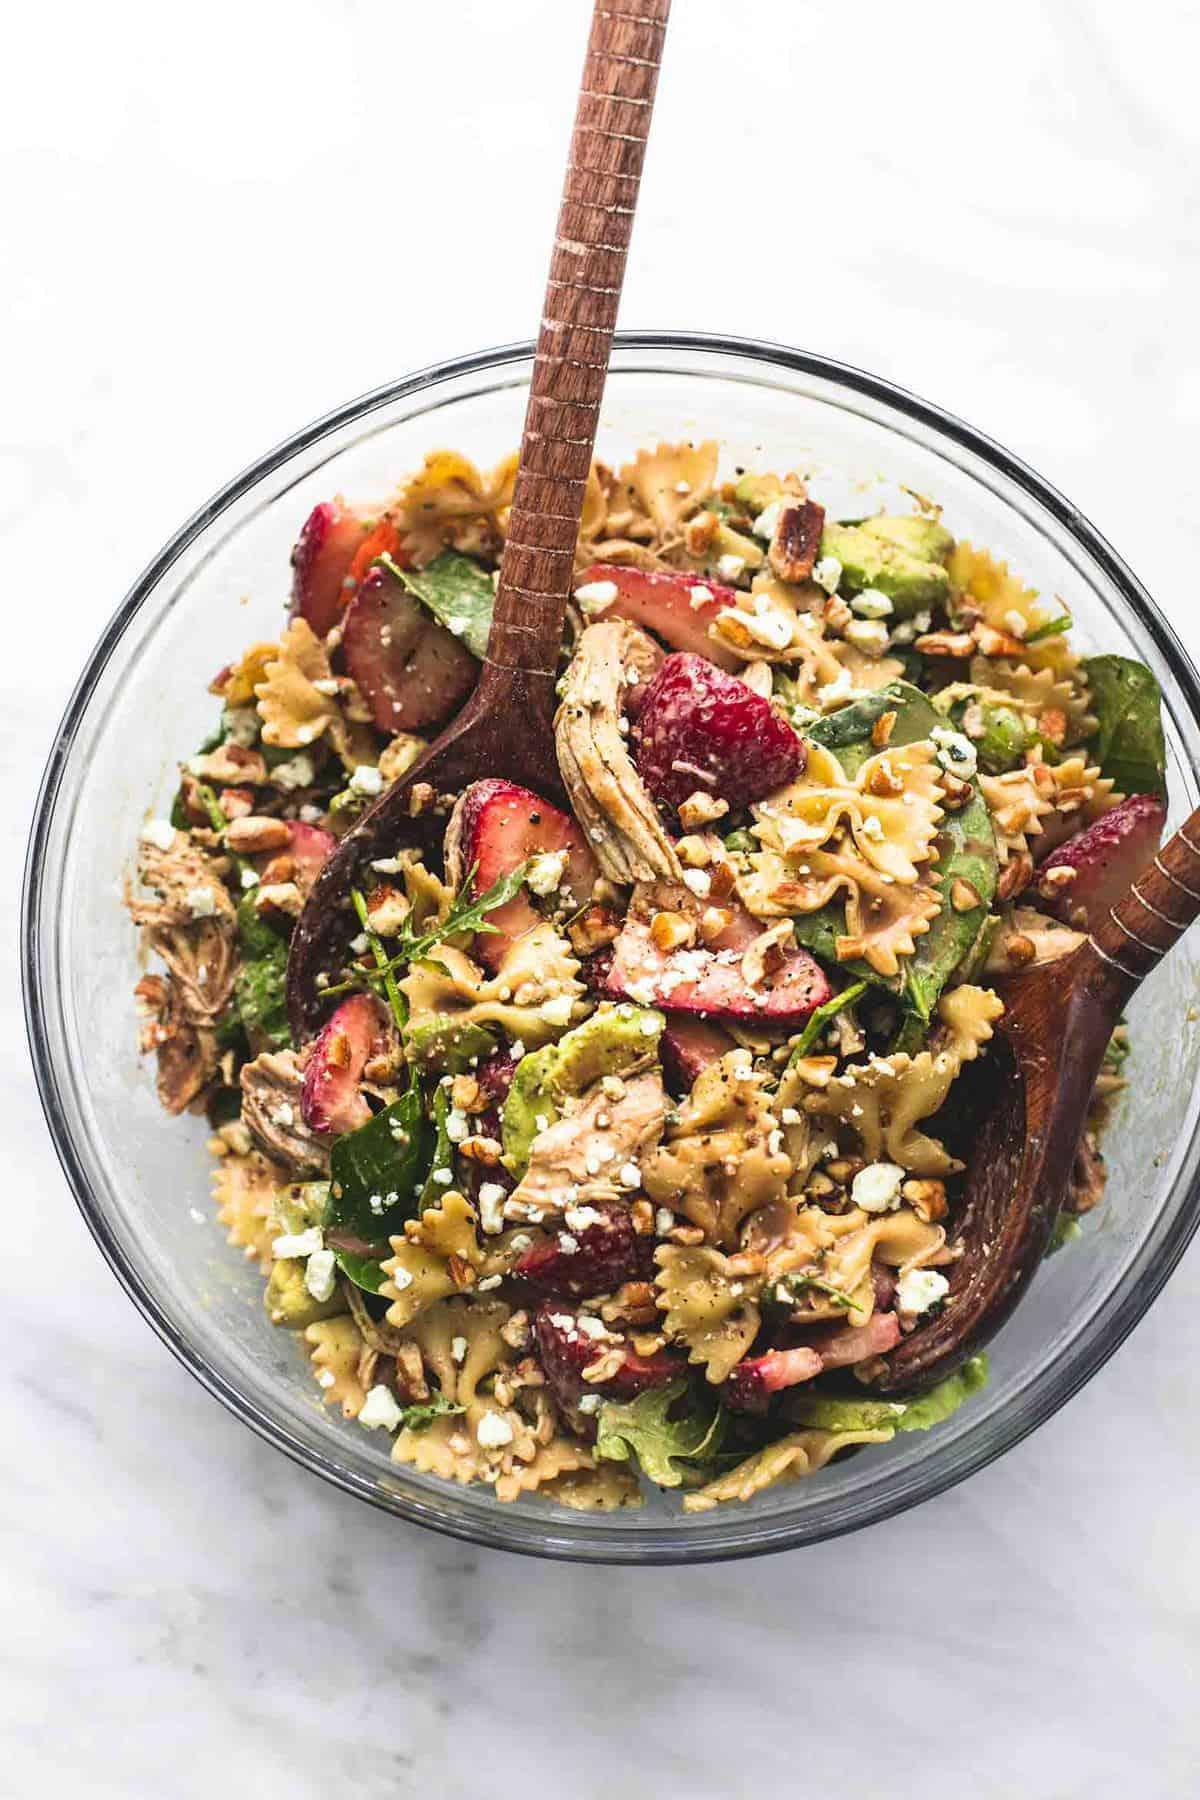 Strawberry Avocado Chicken Pasta Salad | lecremedelacrumb.com